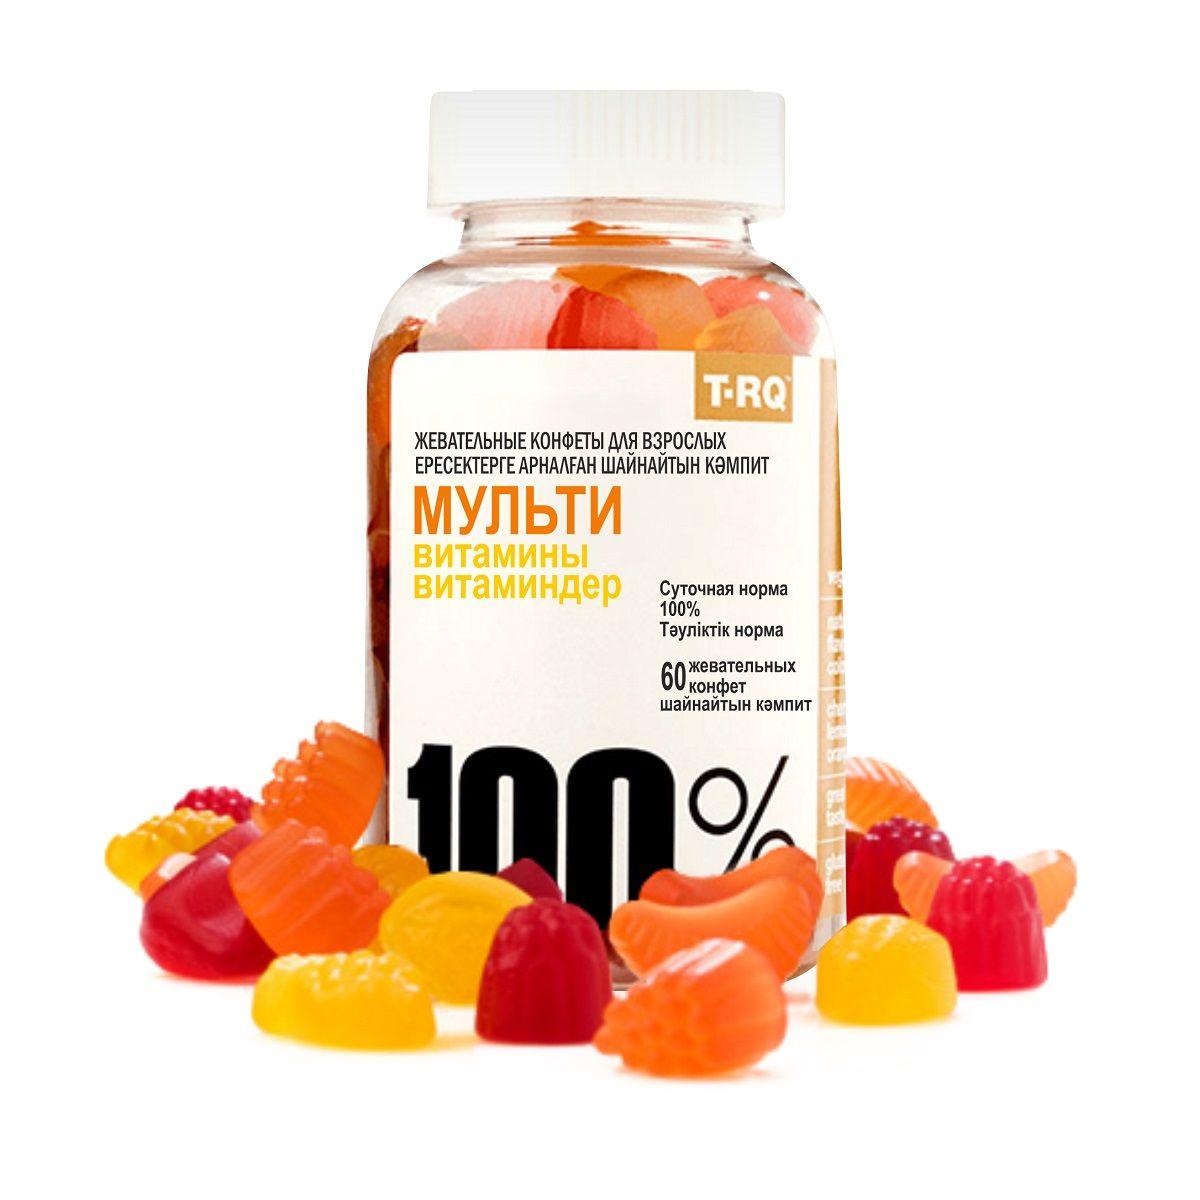 Драже жевательное Gummi King T-RQ, для взрослых, 60 штV0000007975Наконец-то появилось отличное решение для тех, кто не любит глотать таблетки – сбалансированные мультивитамины для взрослых в мягких жевательных конфетах со вкусом натуральных фруктов. Gummi King T-RQ - жевательные мультивитамины для взрослых, содержащие 100% дневной нормы ключевых витаминов и минералов: витамины А и Д необходимы для красоты вашей кожи, крепких ногтей и зубов, хорошего зрения. витамин С поддерживает иммунитет, а также полезен для сосудов биотин и витамин Е – это борьба со старением клеток, здоровые блестящие волосы, ровный цвет лица витамины группы В –питание для нервных клеток, а также заряд бодрости и энергии холин и яблочный пектин способствуют пищеварению, выводят токсины и рекомендованы желающим снизить вес инозитол – природный антистресс, борьба с раздражительностью, нормальный сон Все витамины Gummi King гипоаллергенны: в их составе отсутствуют пшеница (глютен), молоко, яйца, соя, арахис и другие орехи, искусственные ароматизаторы и консерванты РЕКОМЕНДАЦИИ...